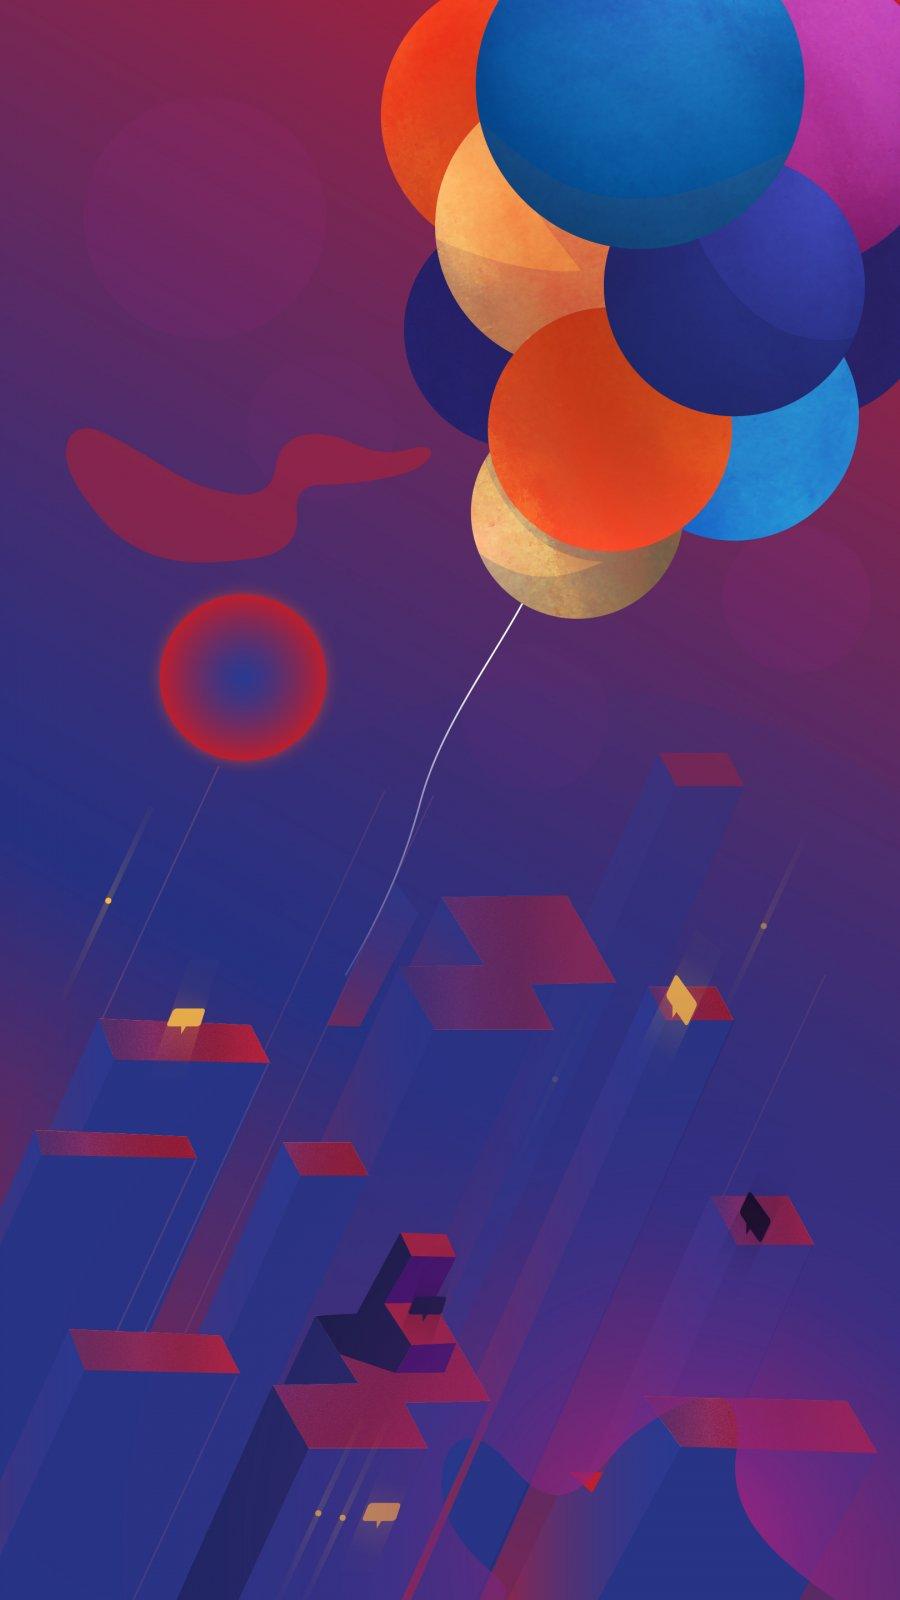 Balloon Art iPhone Wallpaper